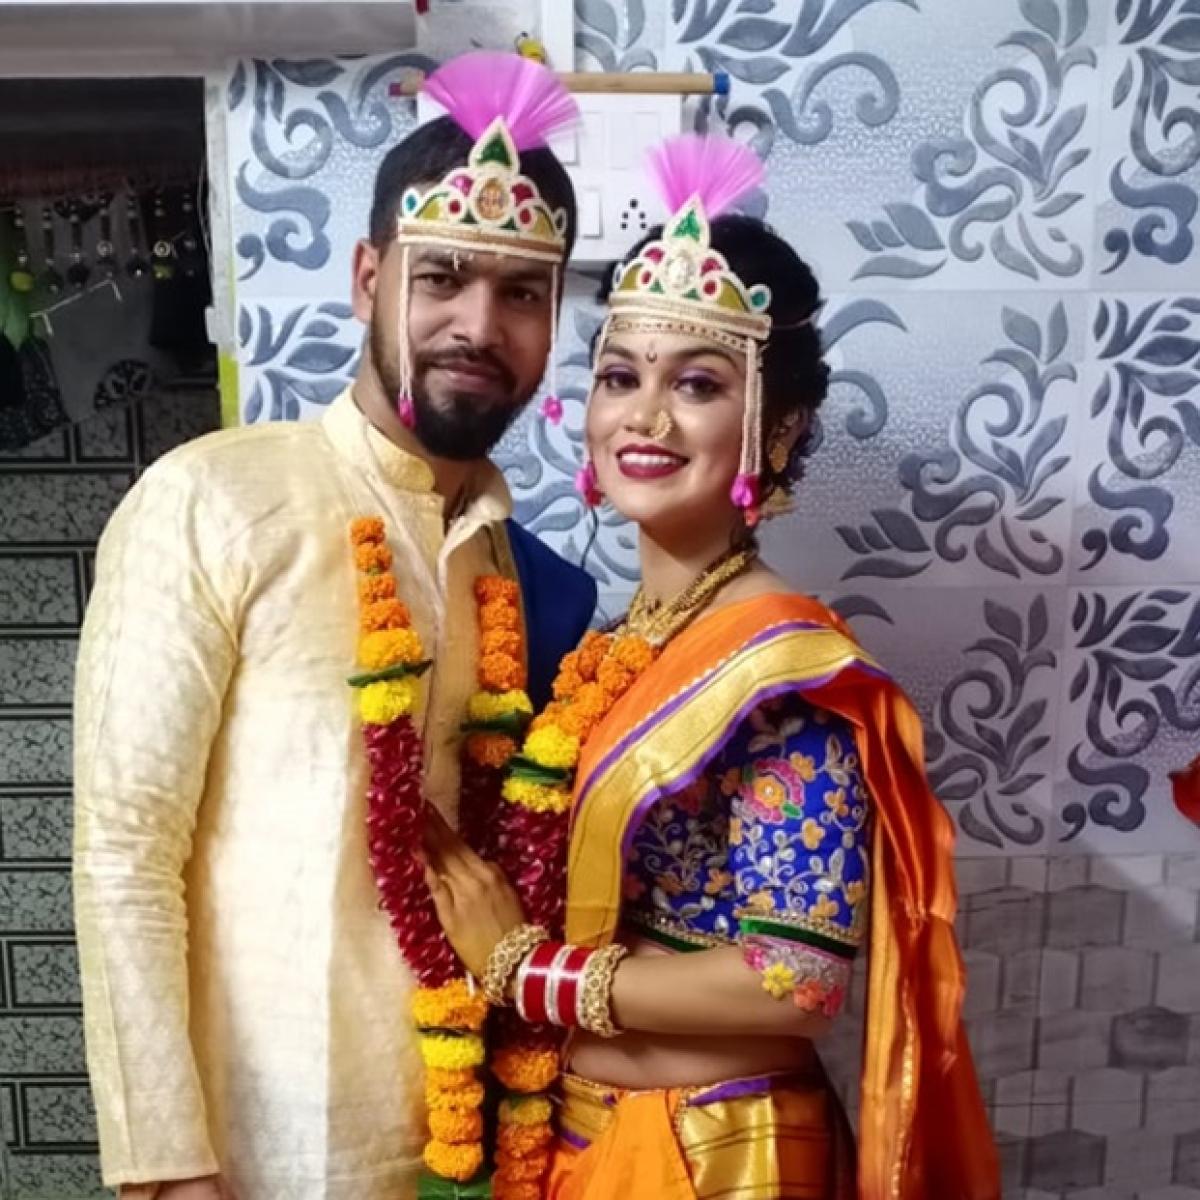 Coronavirus in Mumbai: Wedding bells ring amidst lockdown in Worli